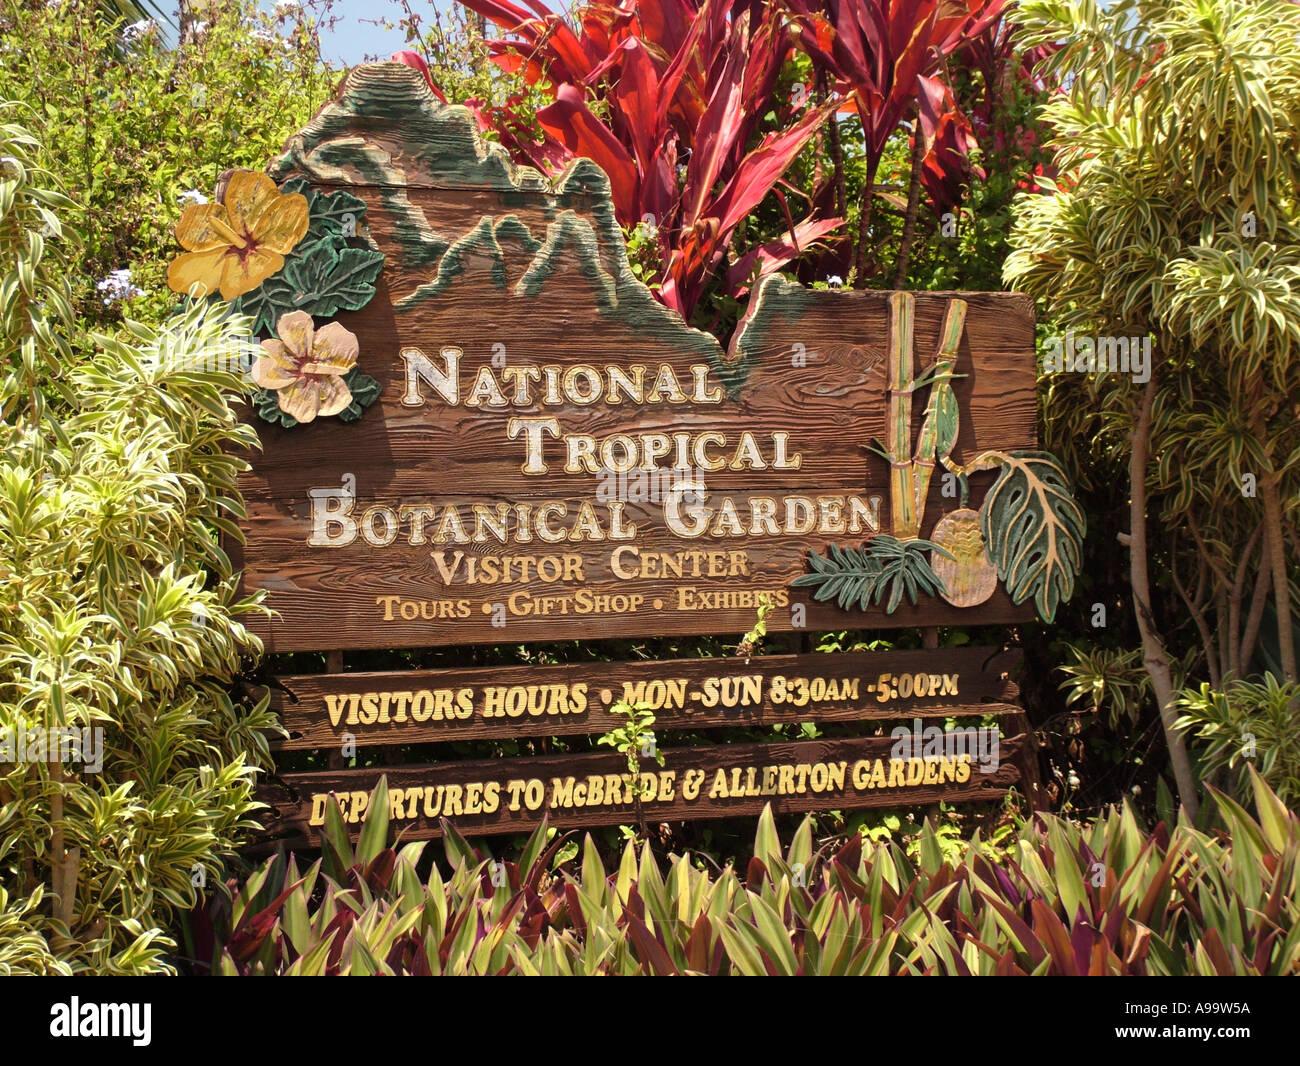 Hawaiian Islands National Tropical Botanical Garden Stock Photos ...